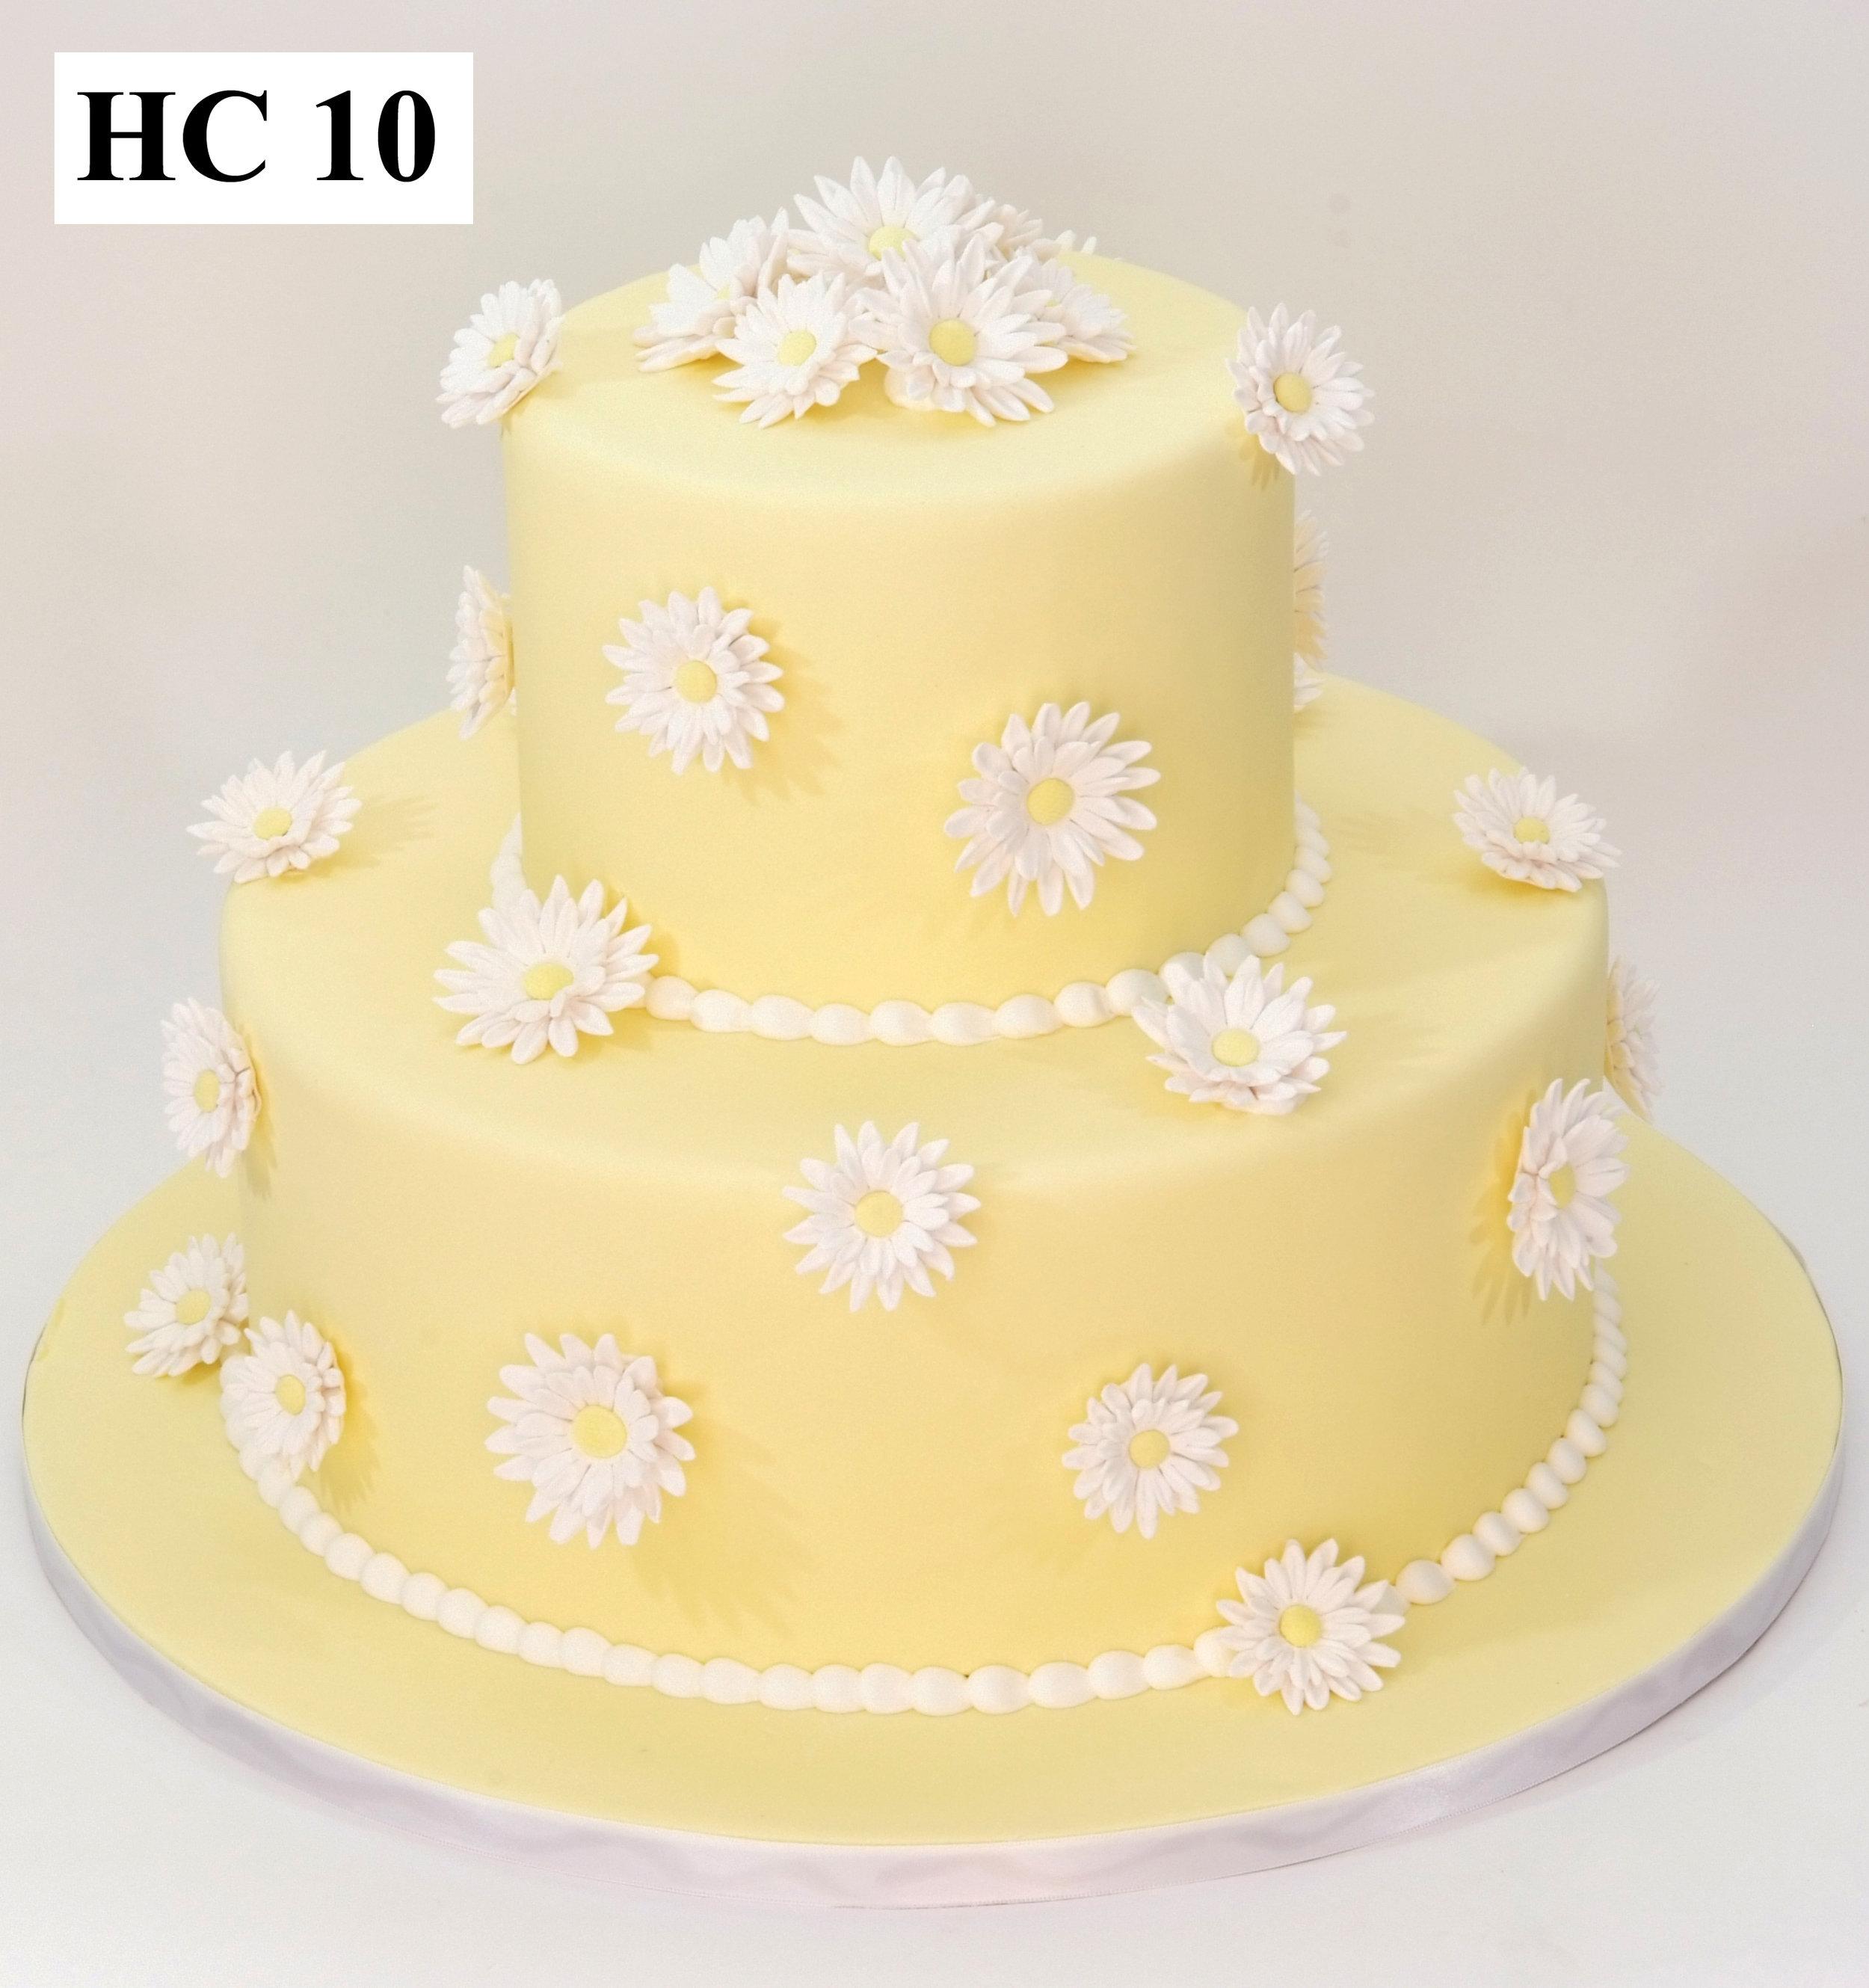 HC 10.jpg